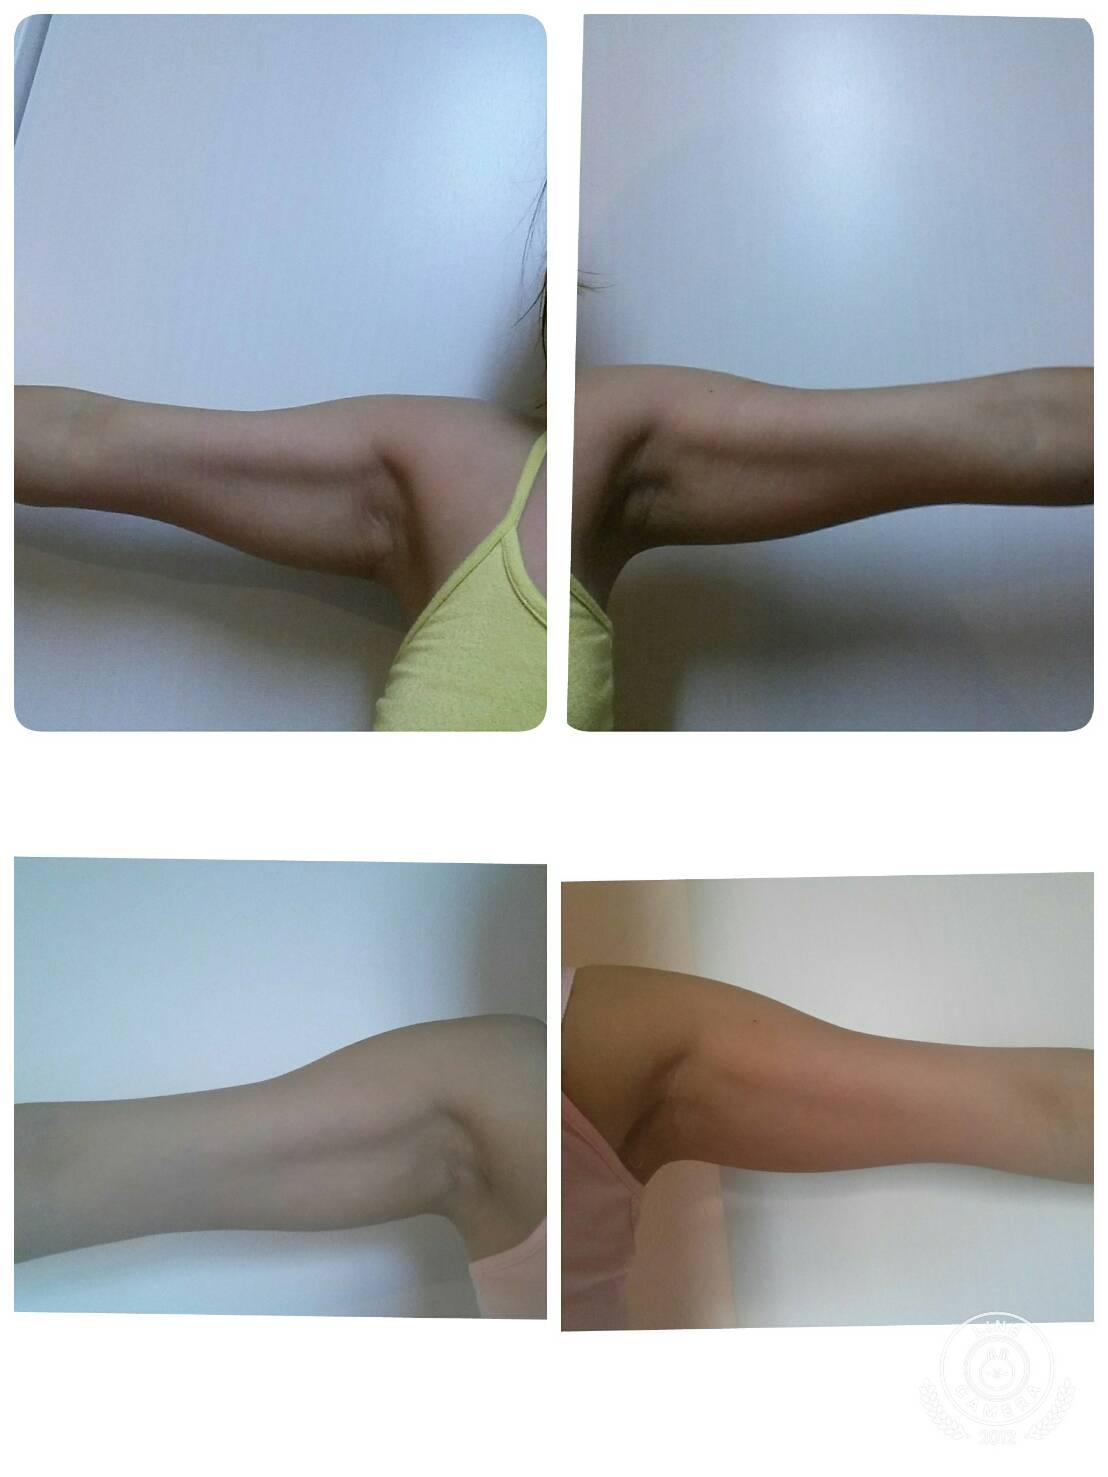 二の腕 痩せる 筋 トレ